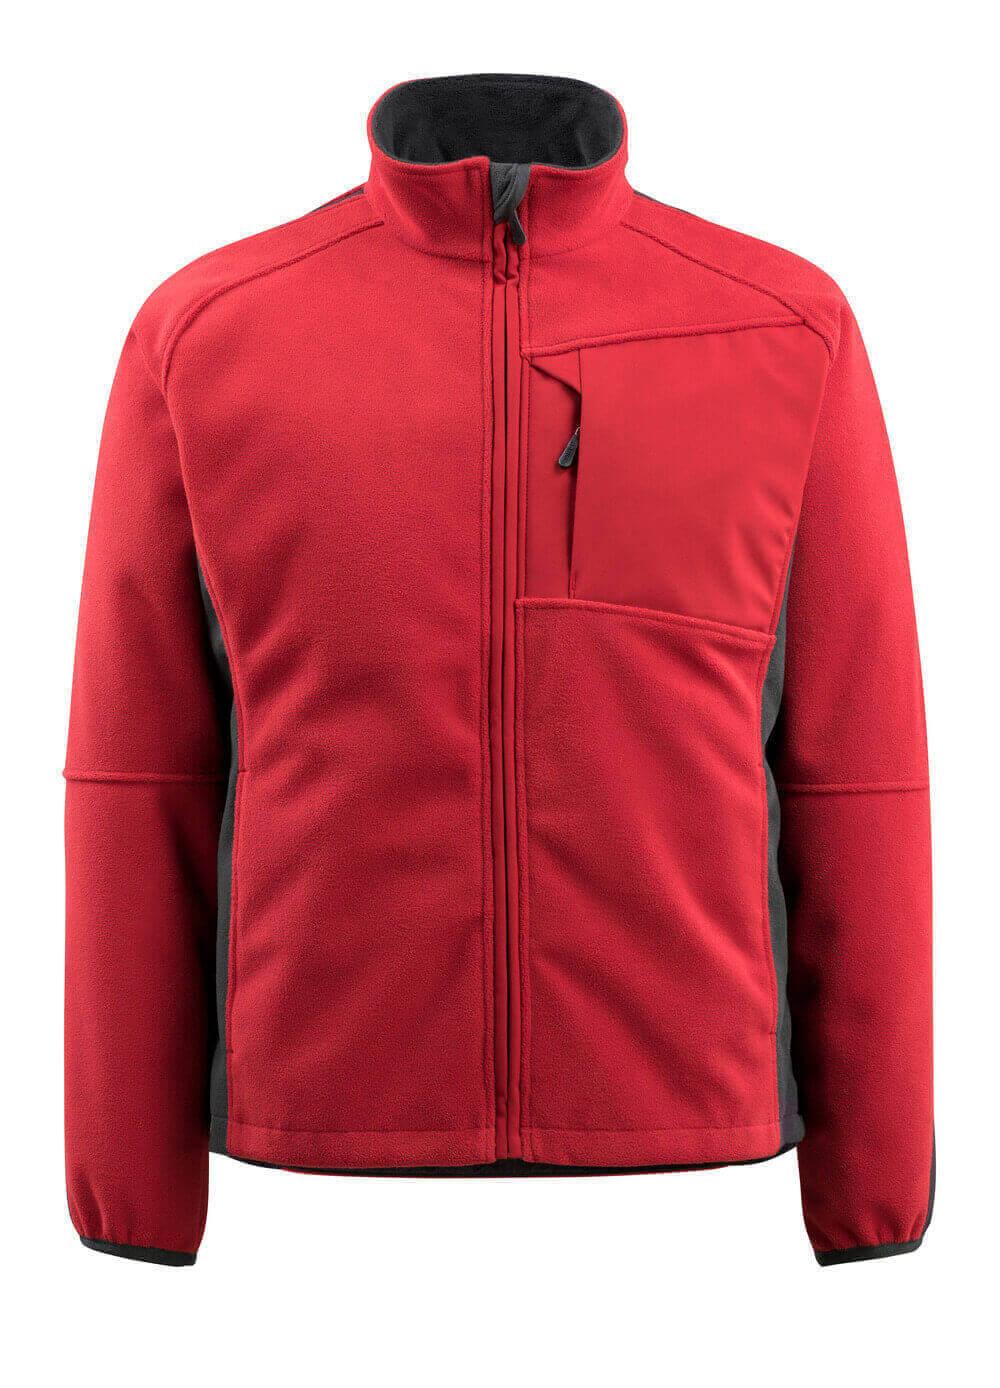 15603-259-0209 Fleece Takki - punainen/musta